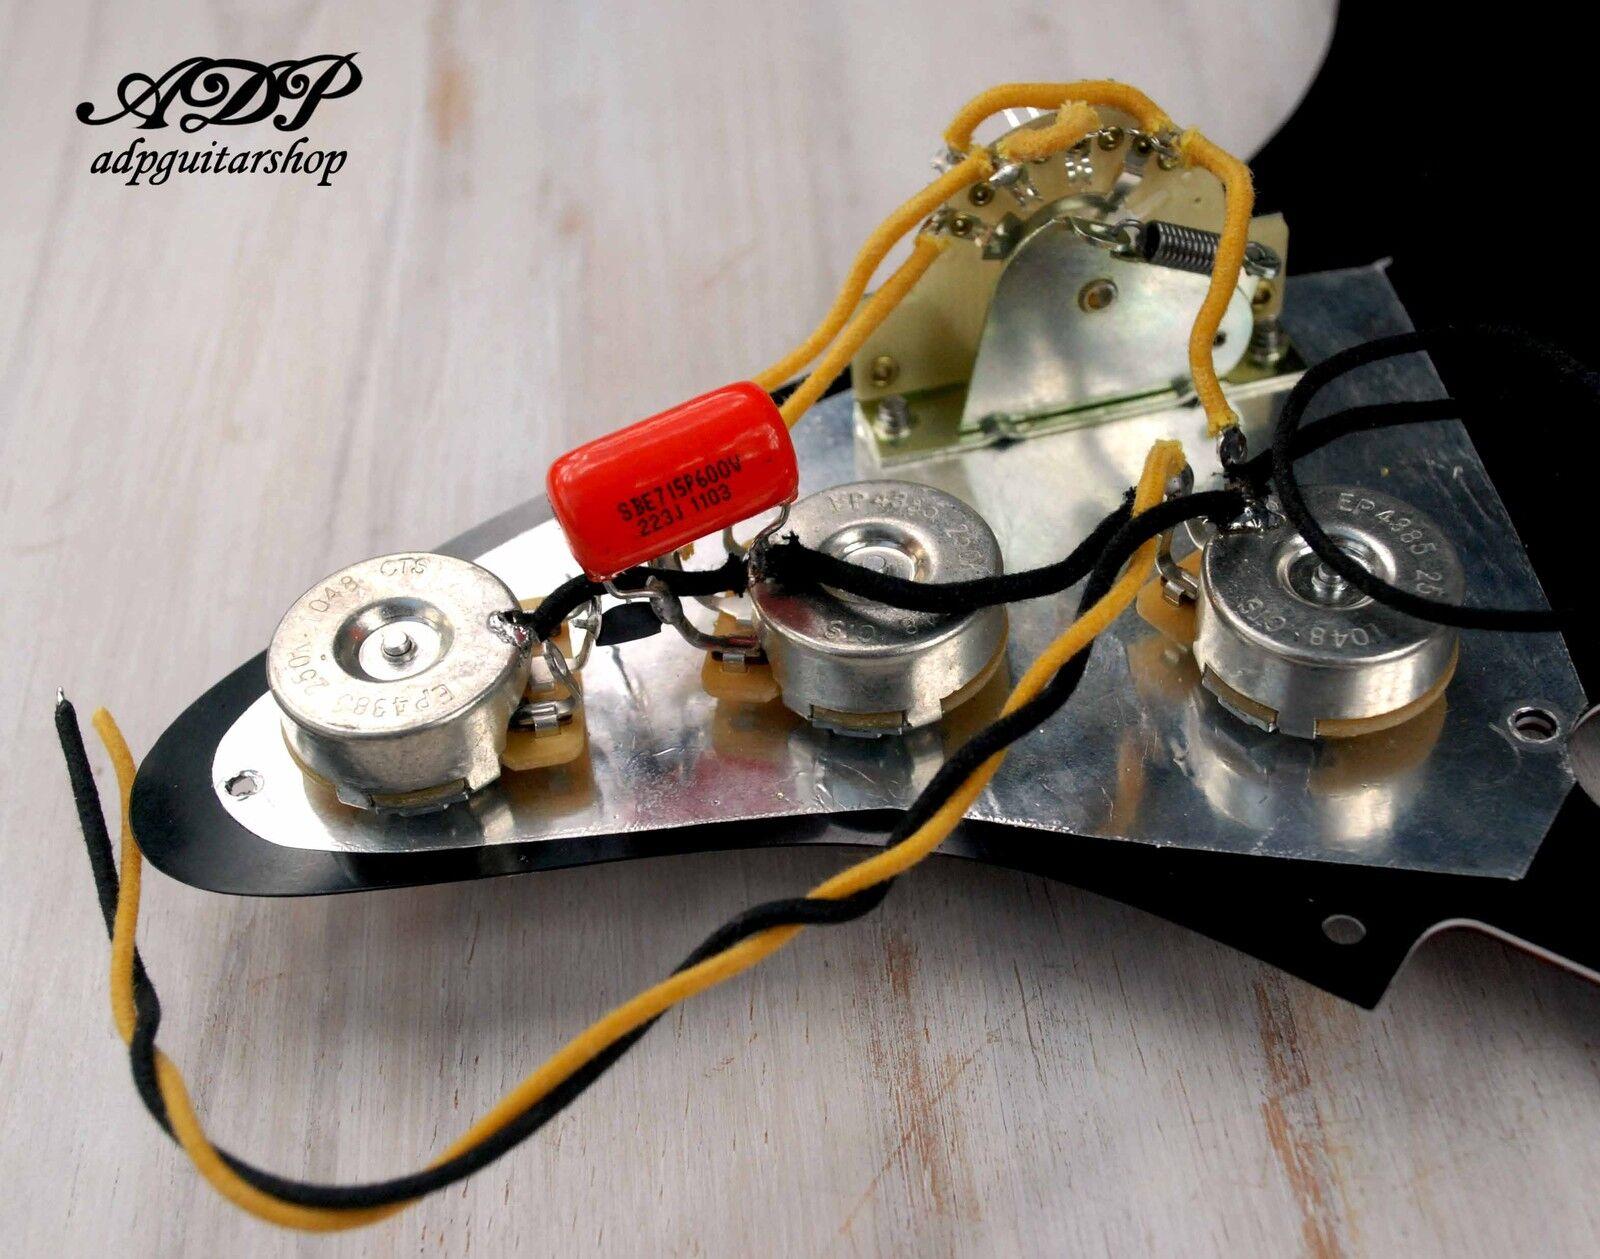 Kit de Controle Electronique Electronique Electronique Vintag Cable pour guitares style Stratocaster Wirojo  descuento de ventas